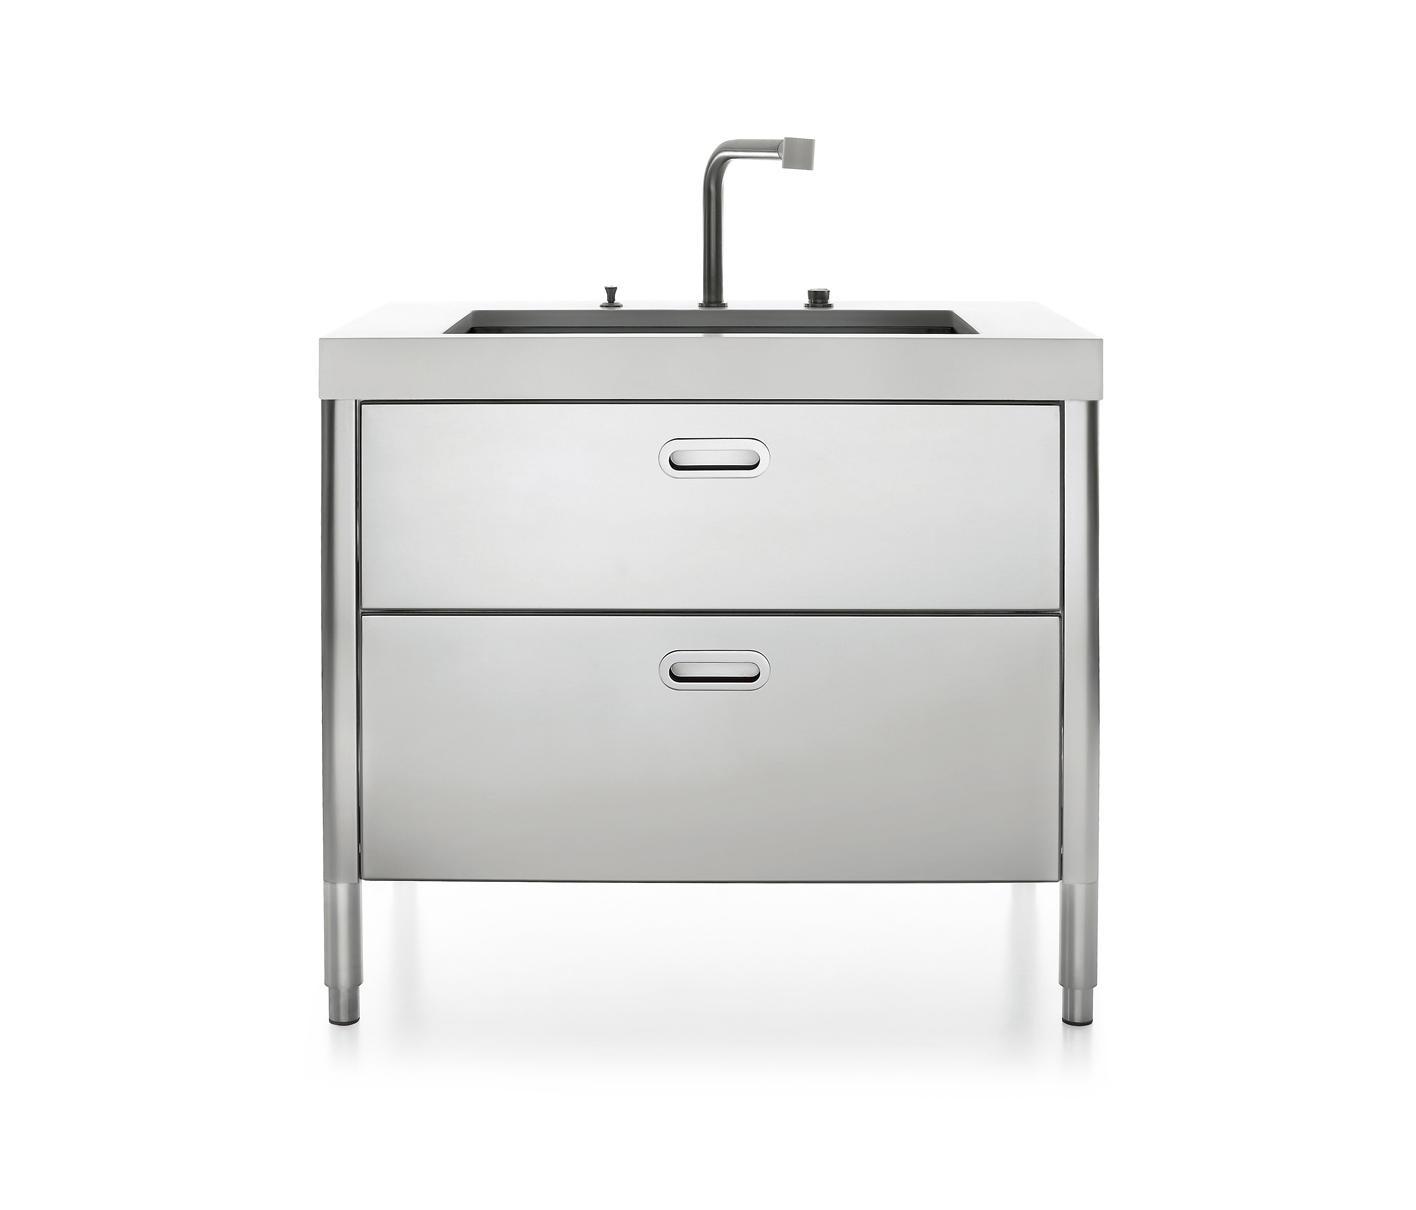 Lavelli cucine 100 cucine modulari alpes inox architonic for Cucine modulari